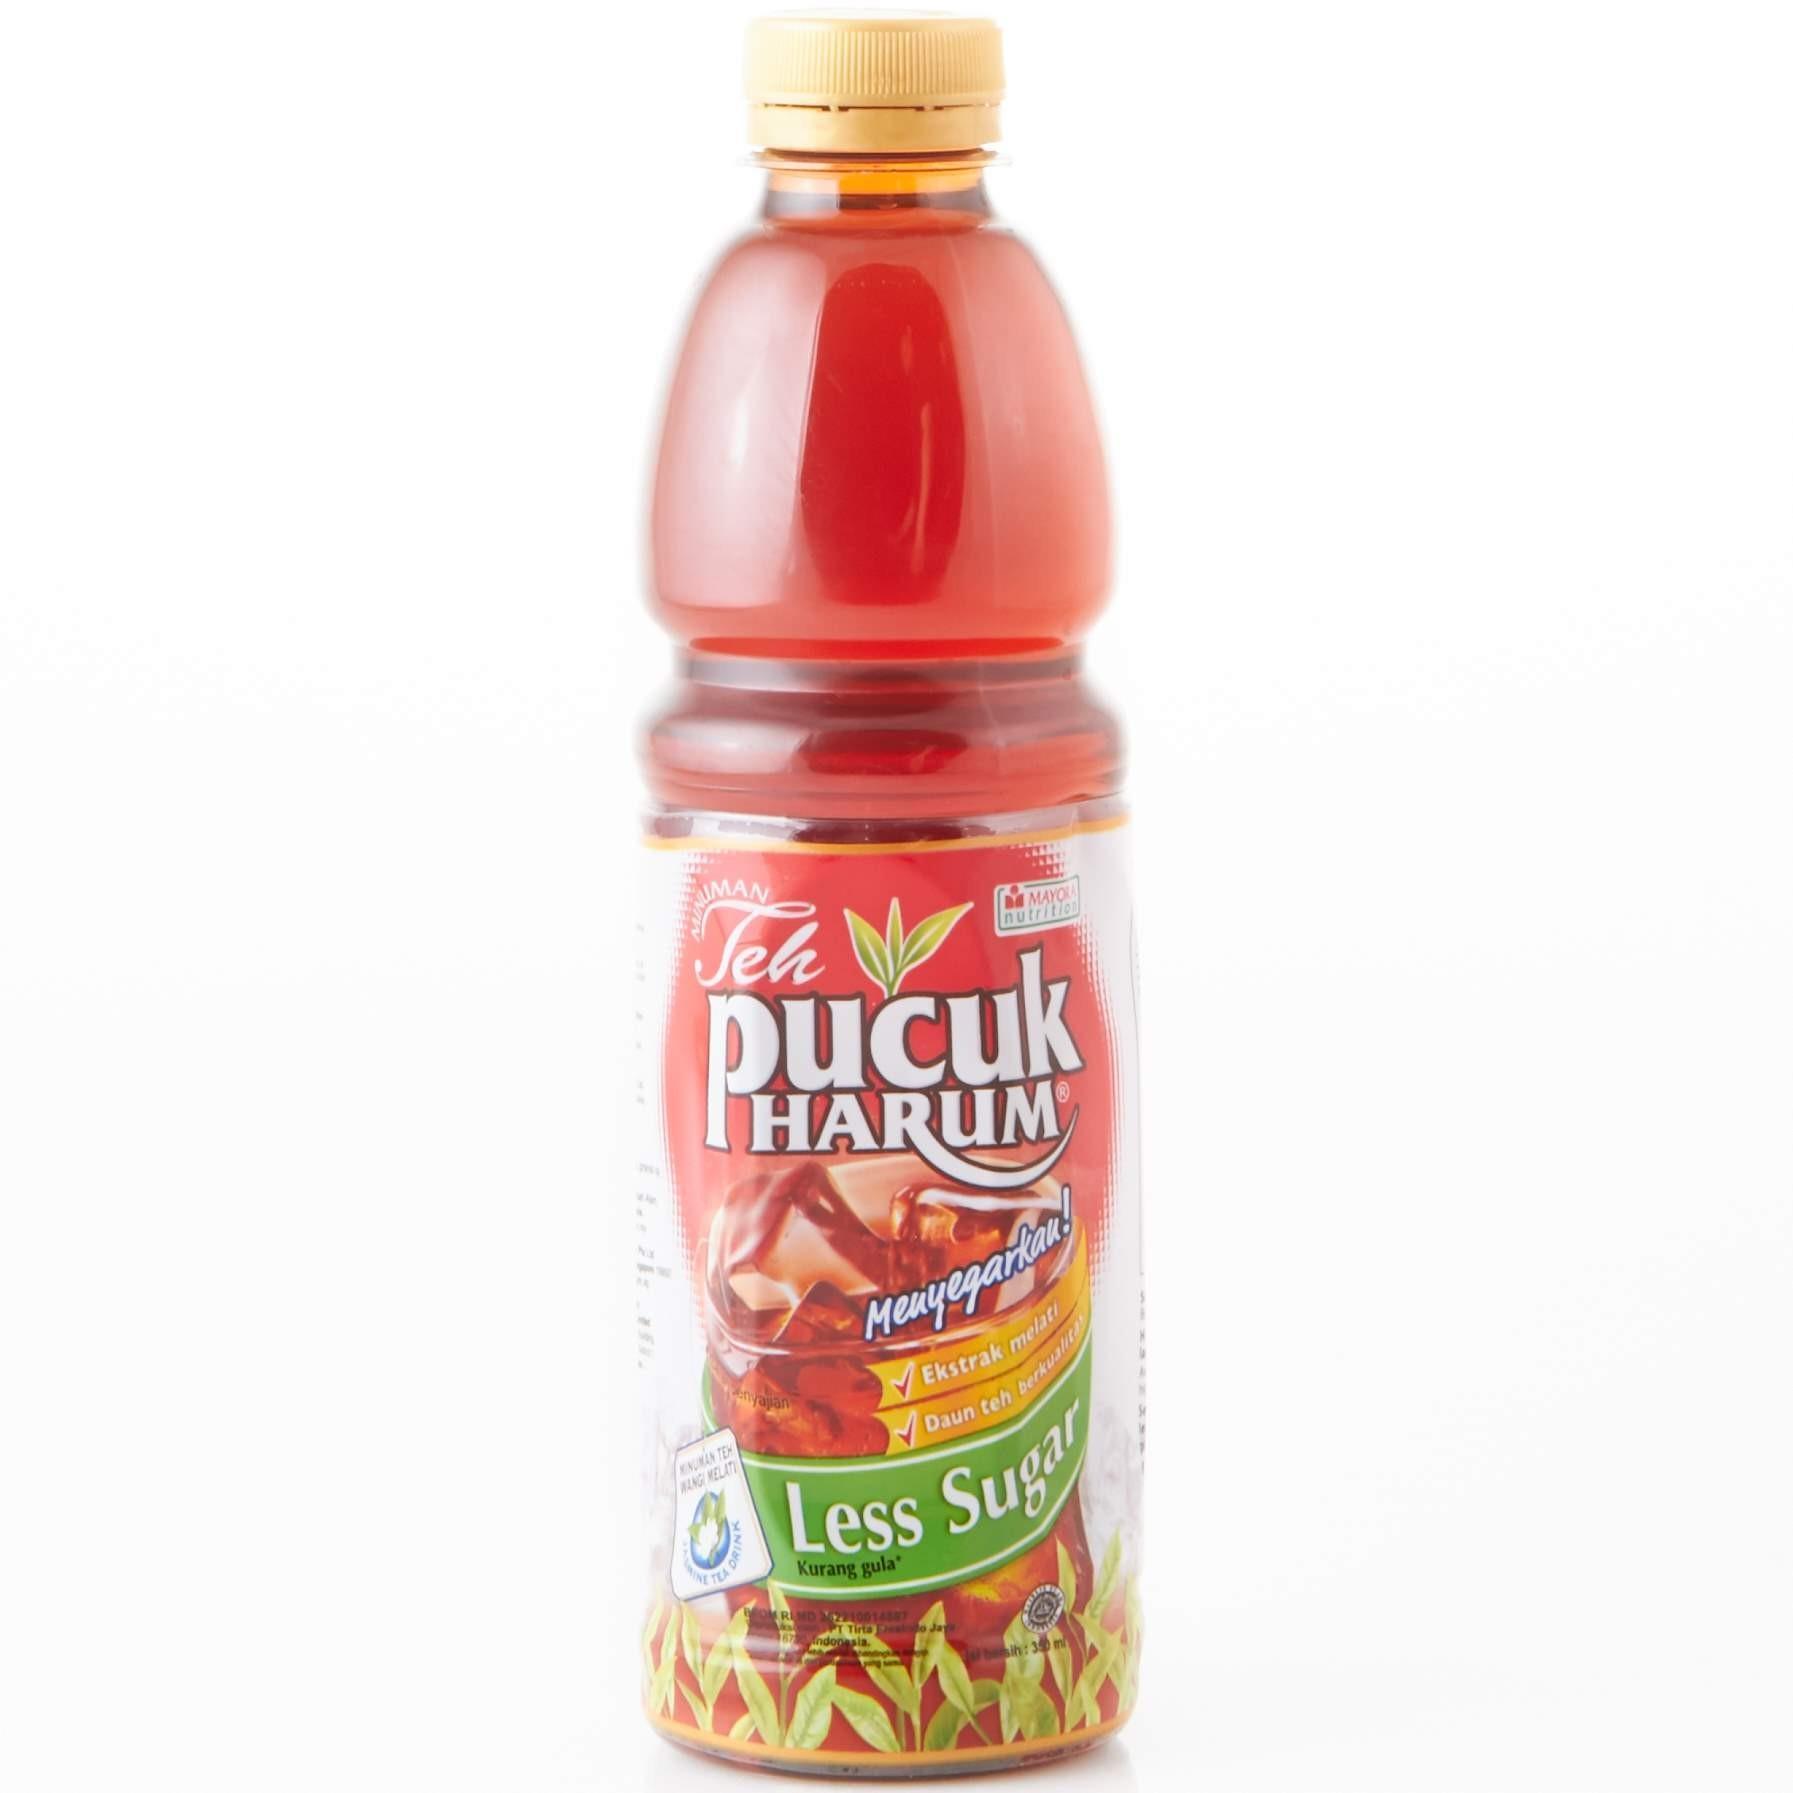 Pucuk Harum LESS SUGAR 350ml